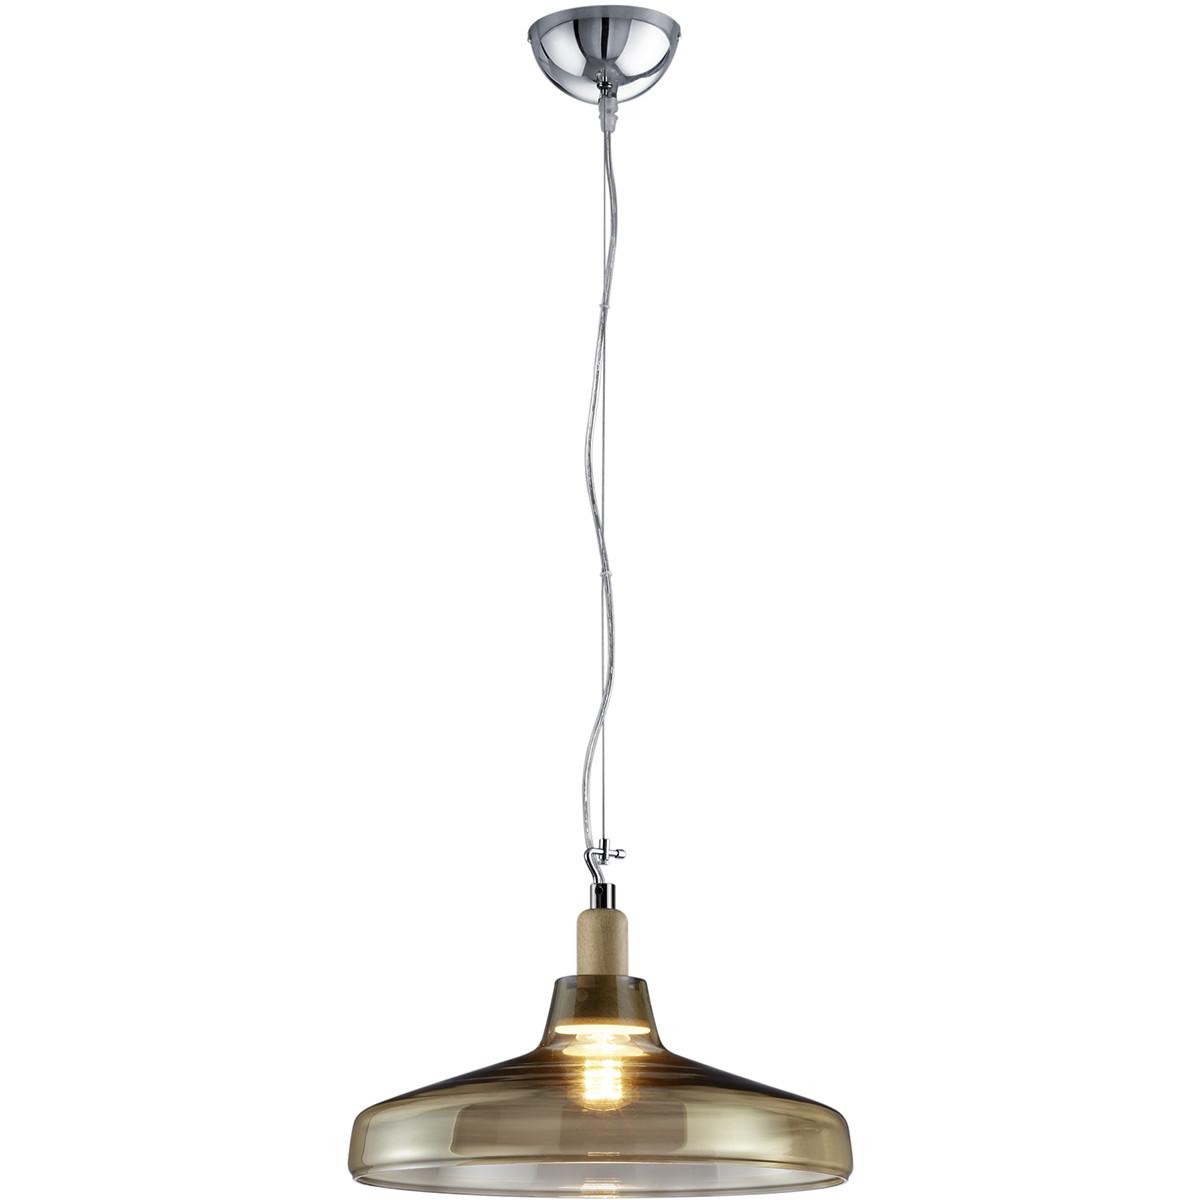 LED Hanglamp - Hangverlichting - Trion Dovino - E27 Fitting - Rond - Mat Bruin - Aluminium